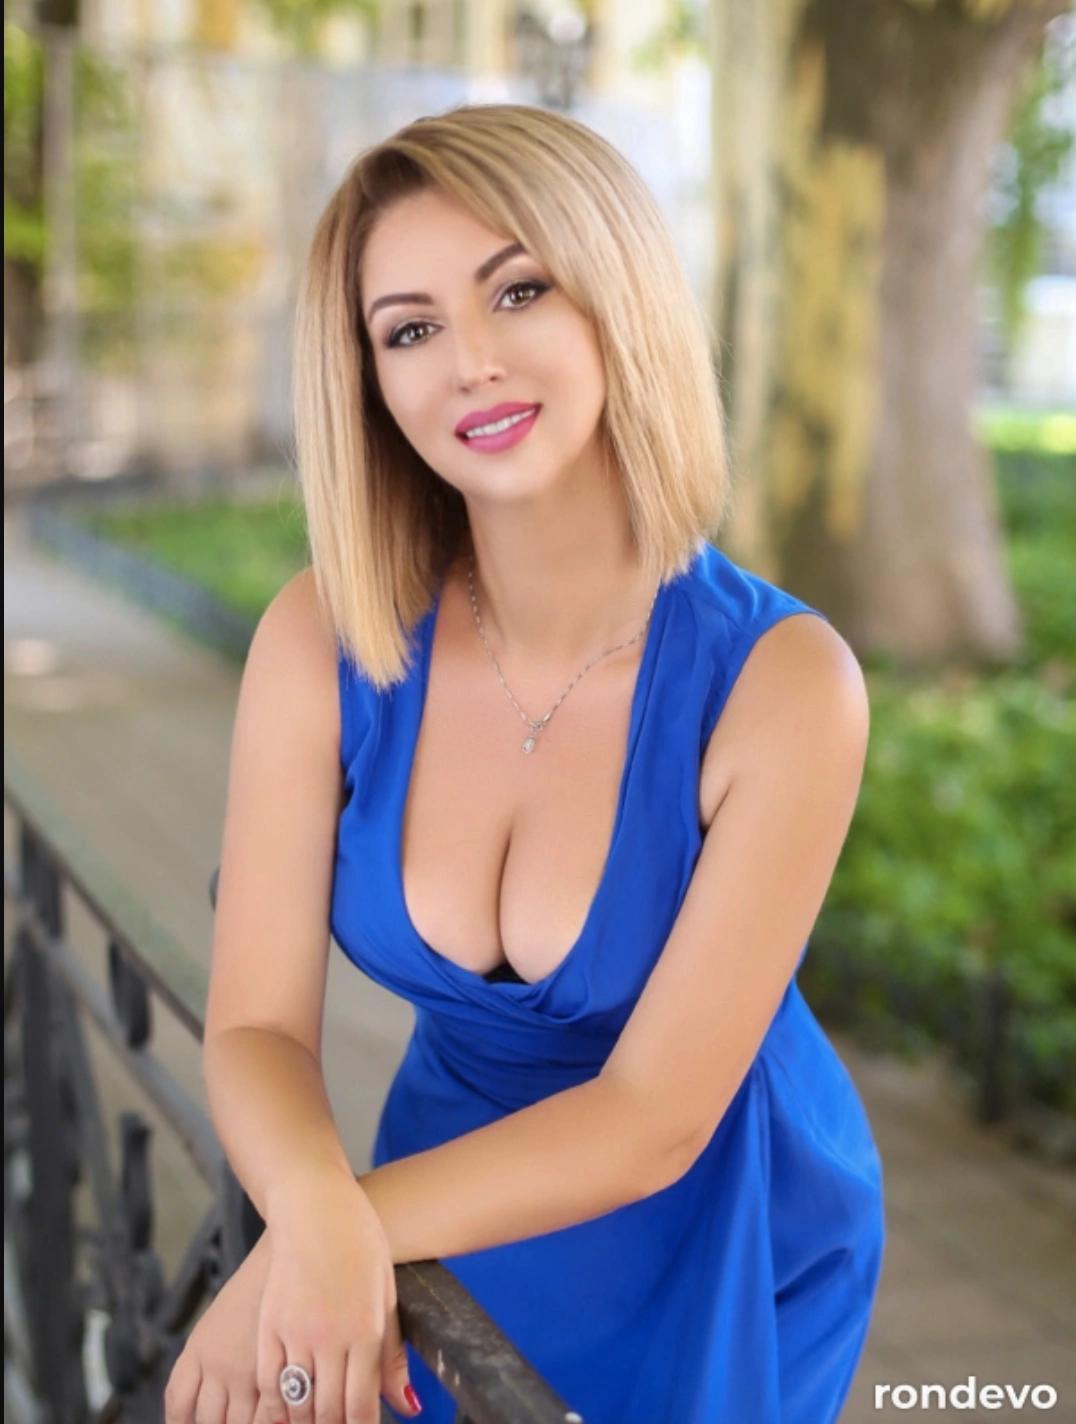 Γυμνή φωτογραφίες σε απευθείας σύνδεση dating